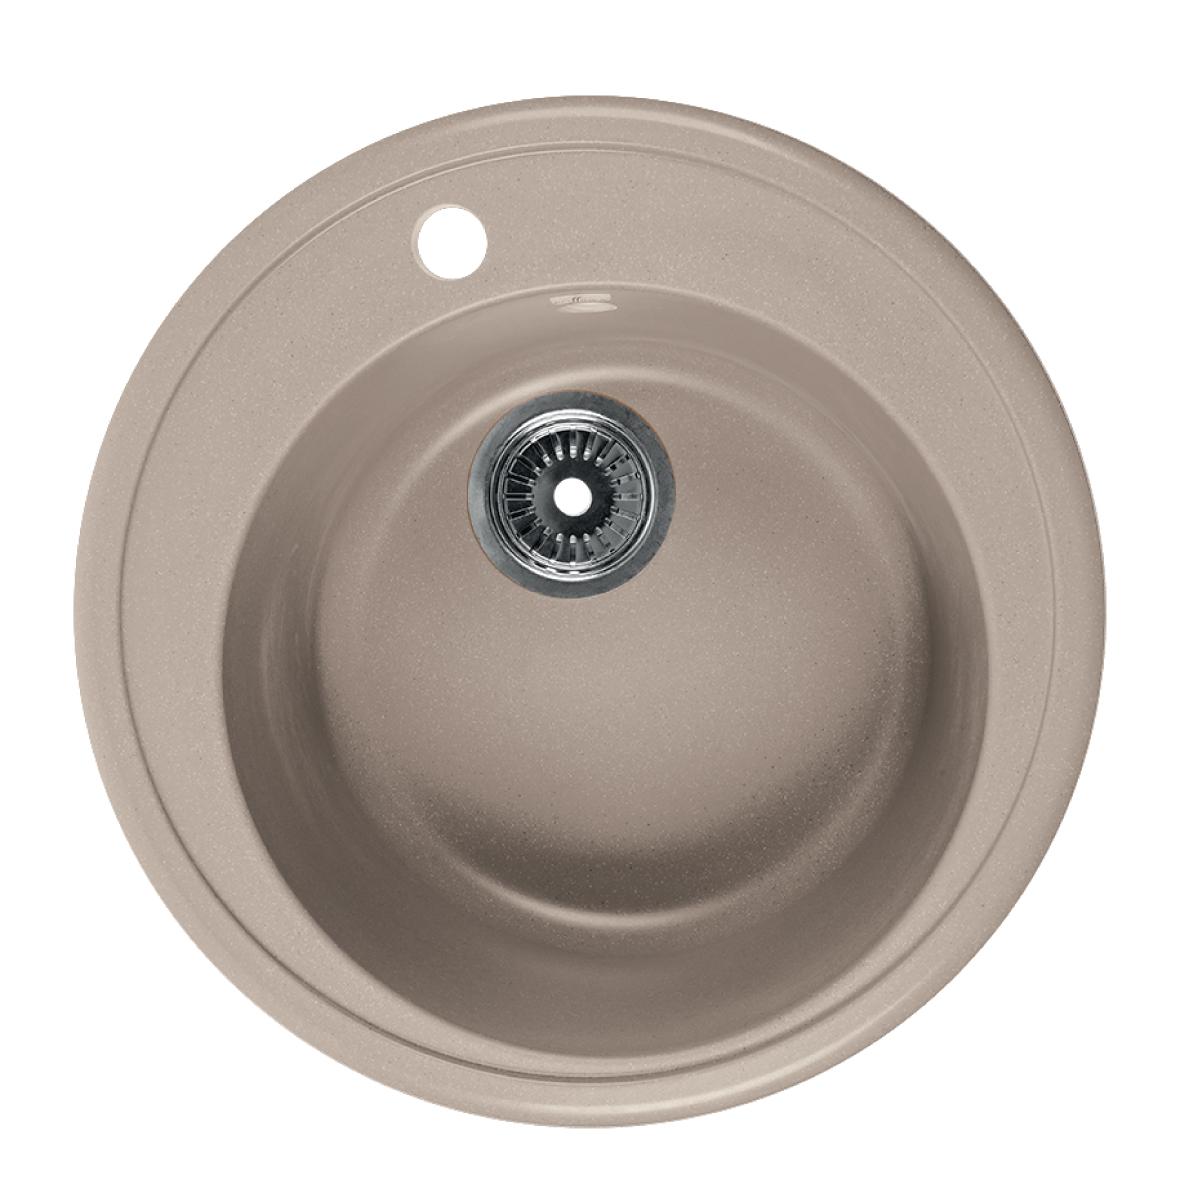 Мойка Rossinka для кухни из исскуственного камня круглая, с сифоном, RS51R-Beige